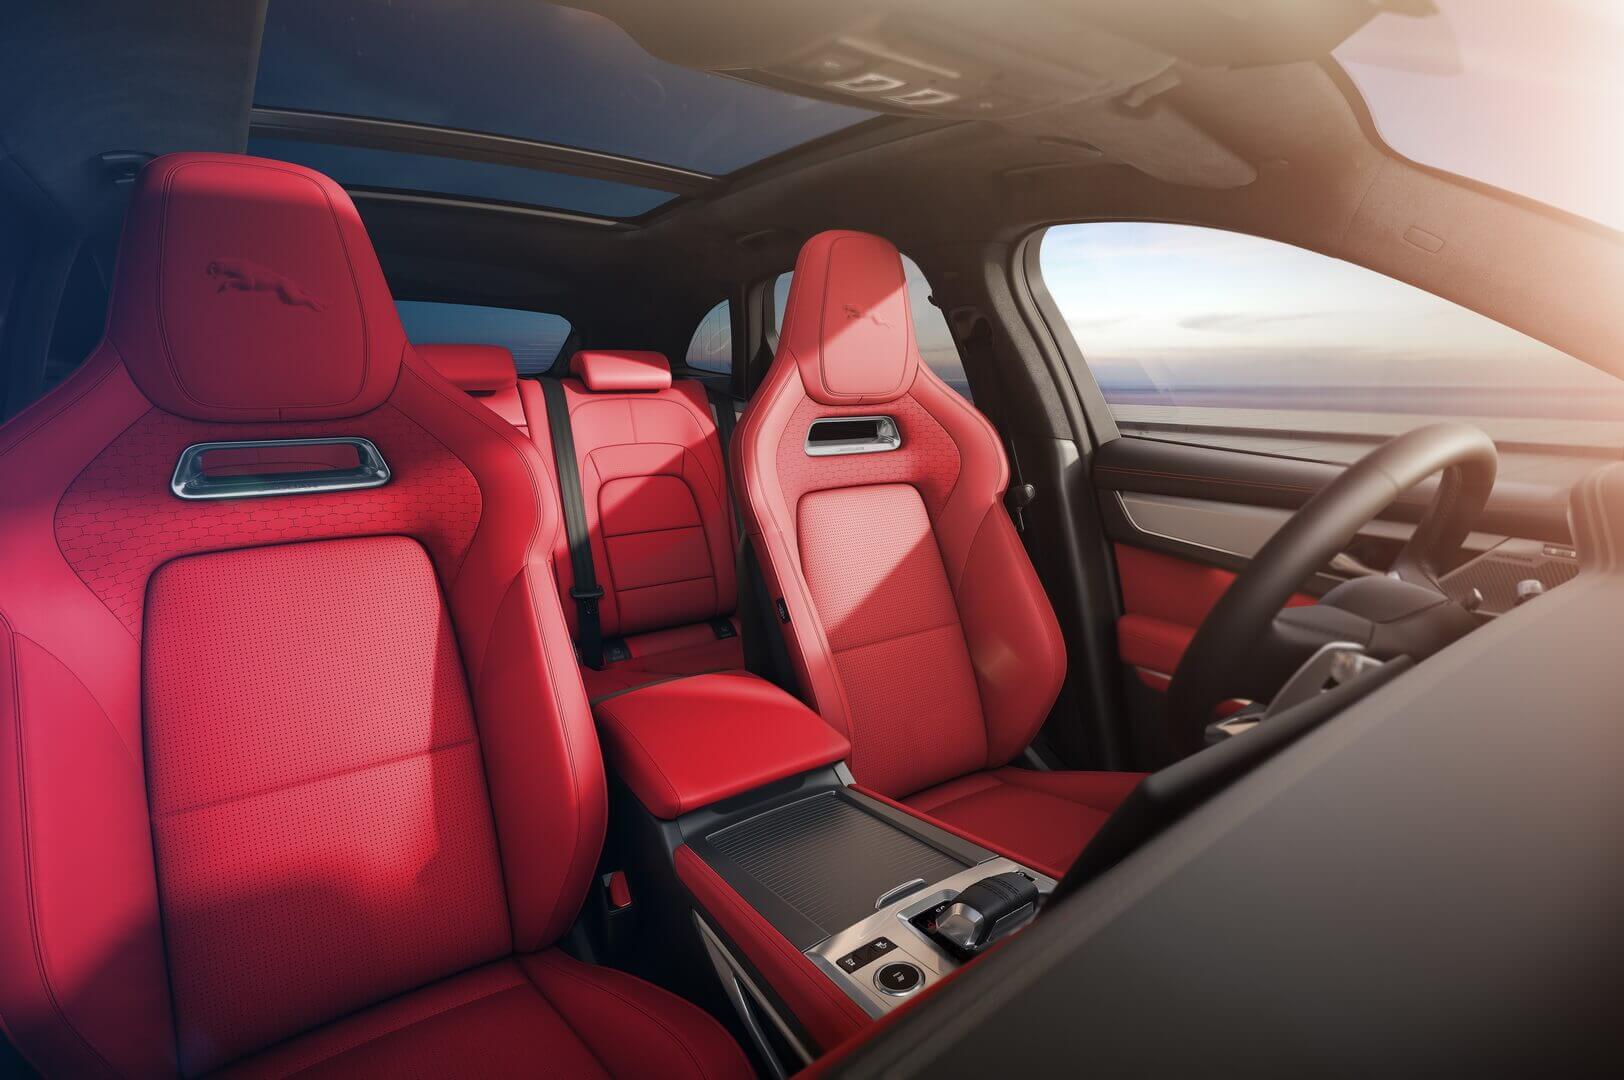 Премиальный салон кроссовера Jaguar F-PACE